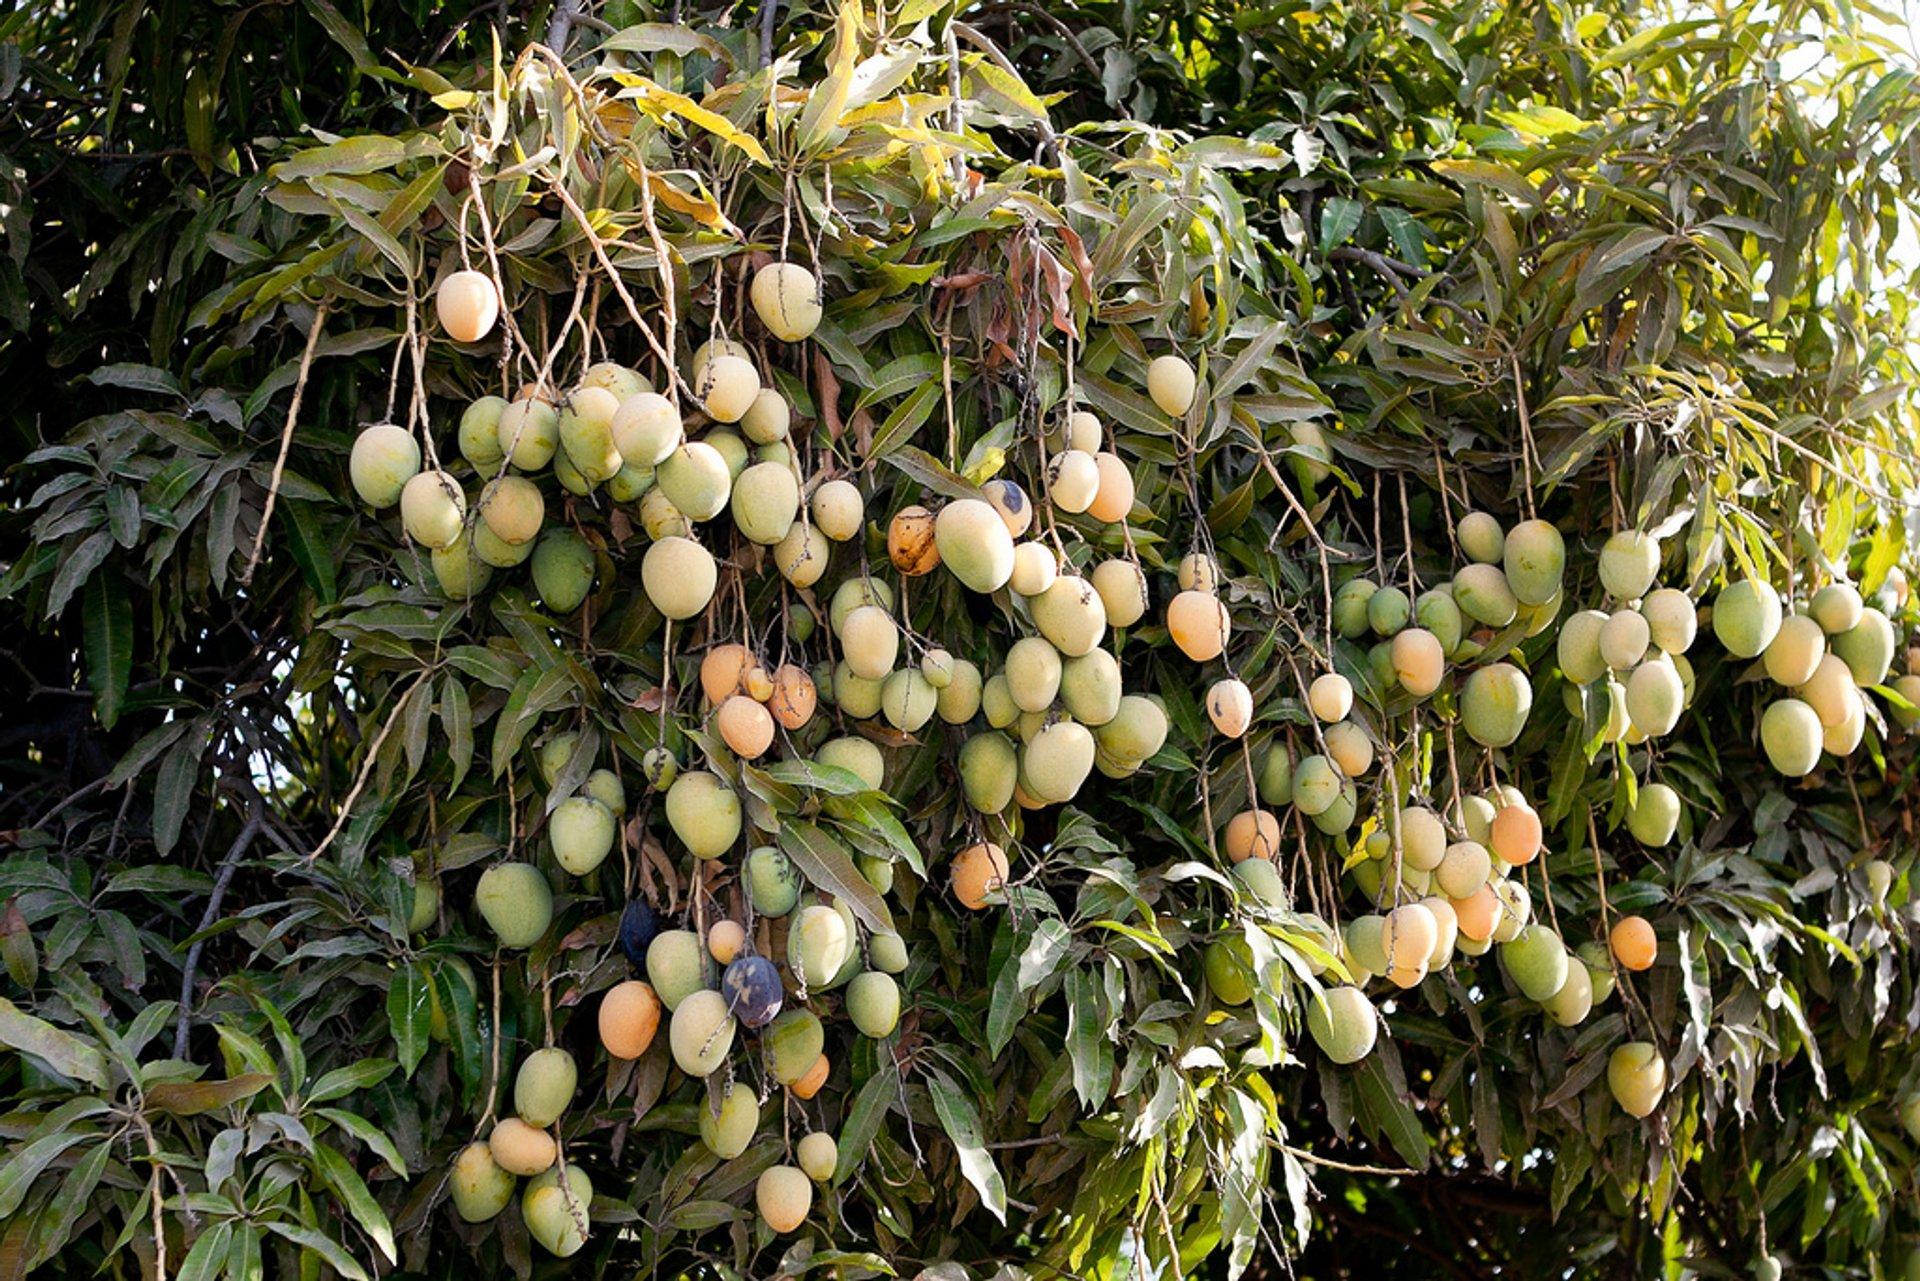 Mango in Peru 2020 - Best Time